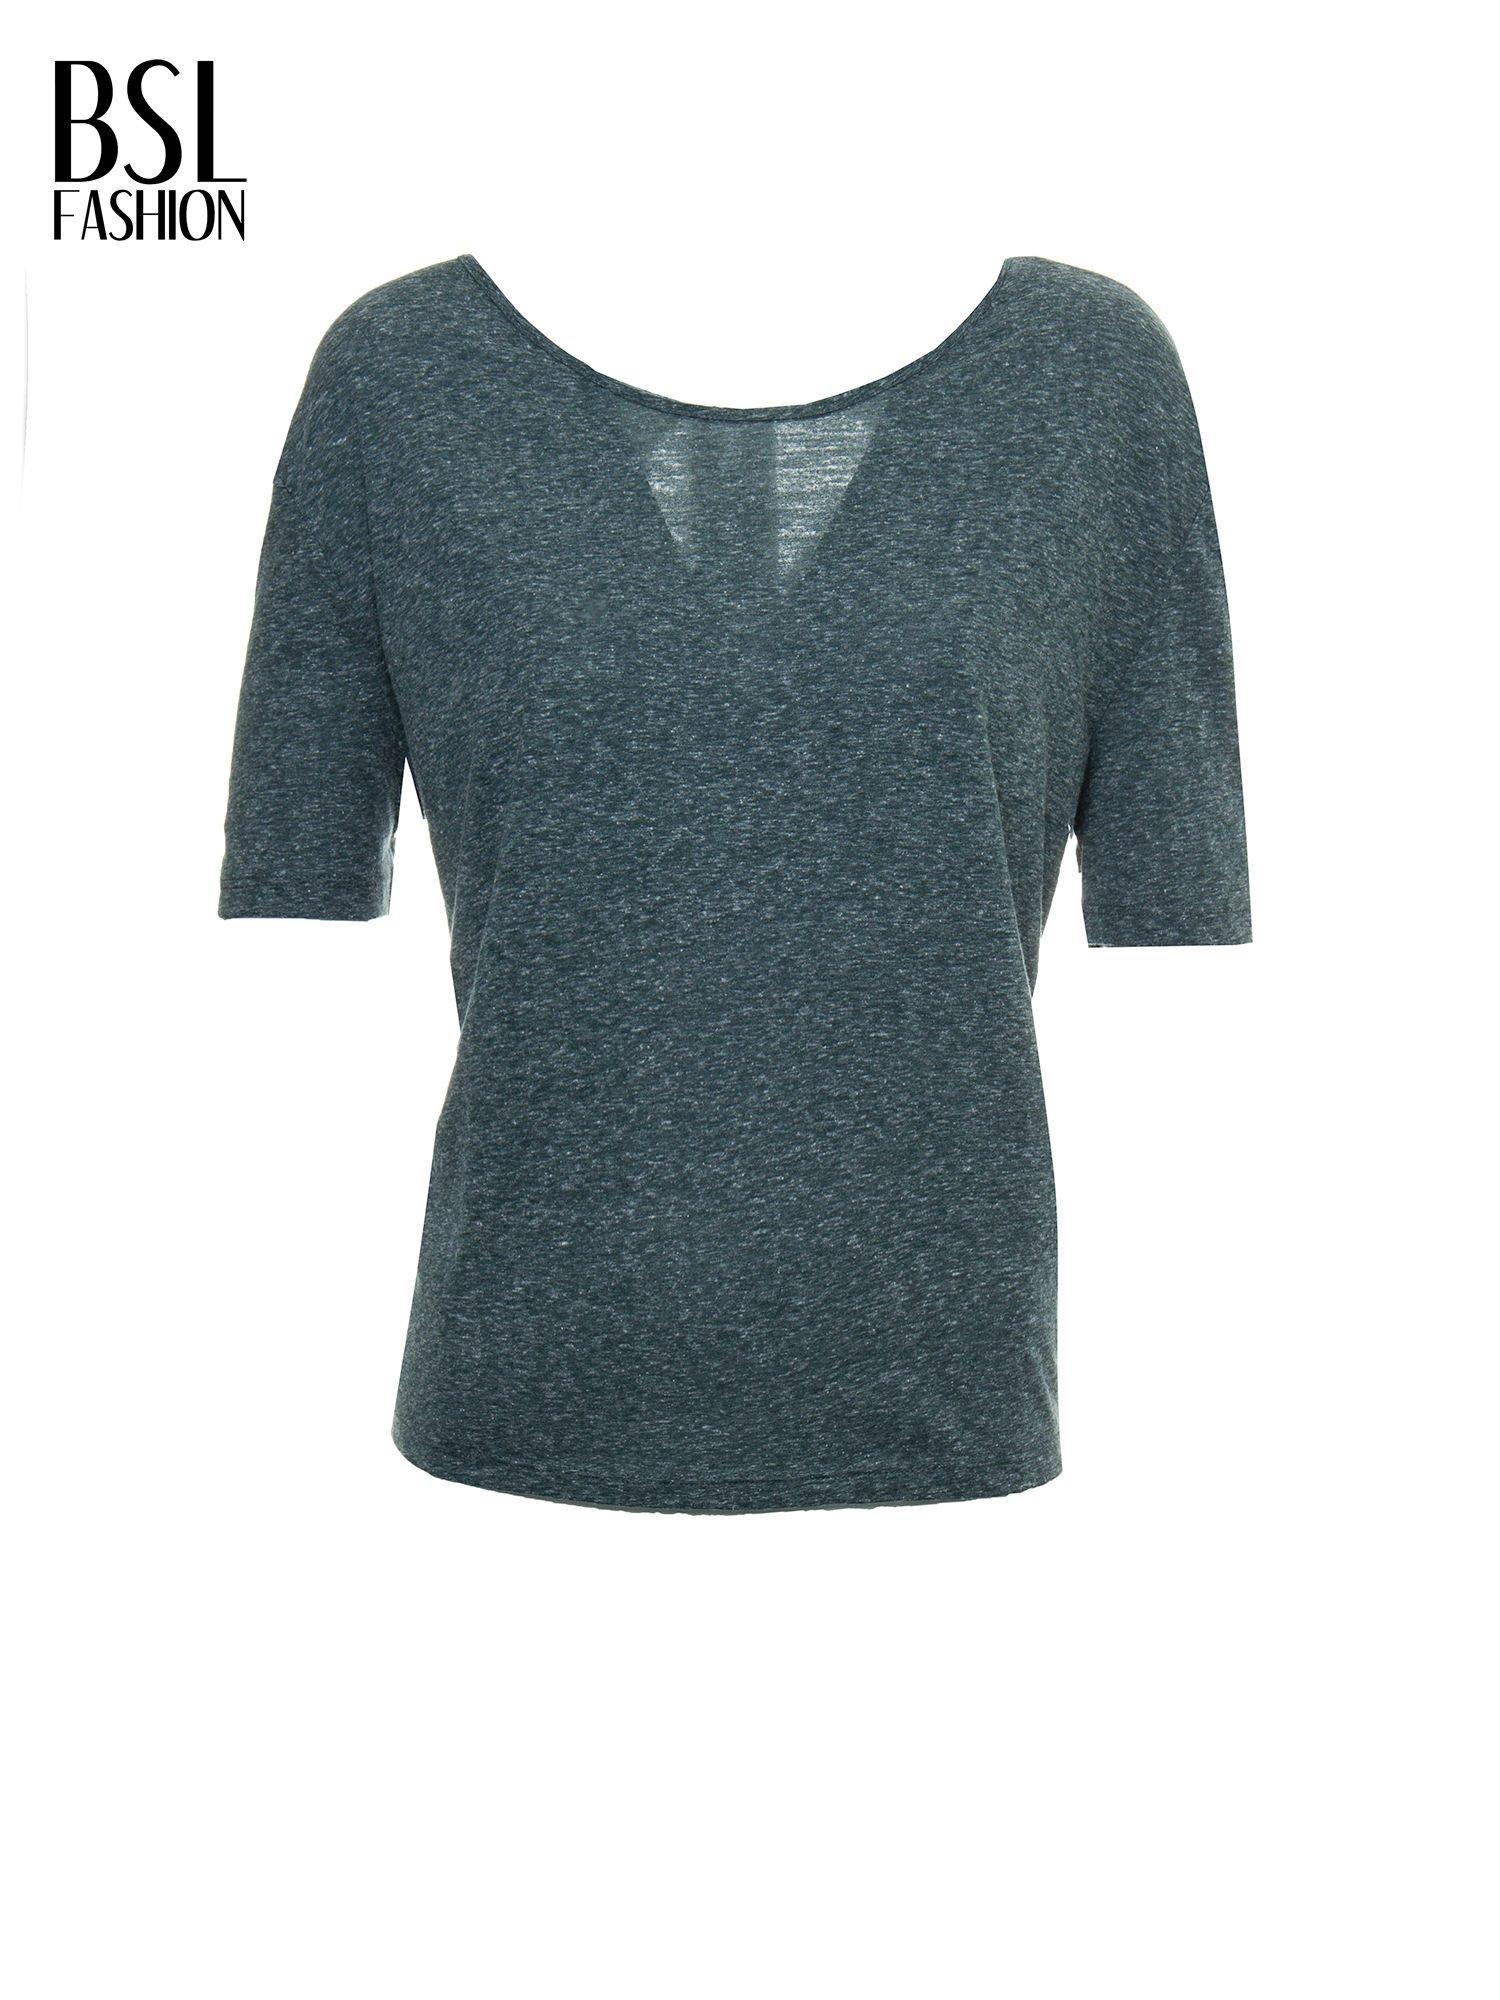 Zielony melanżowy t-shirt o luźnym kroju                                  zdj.                                  2